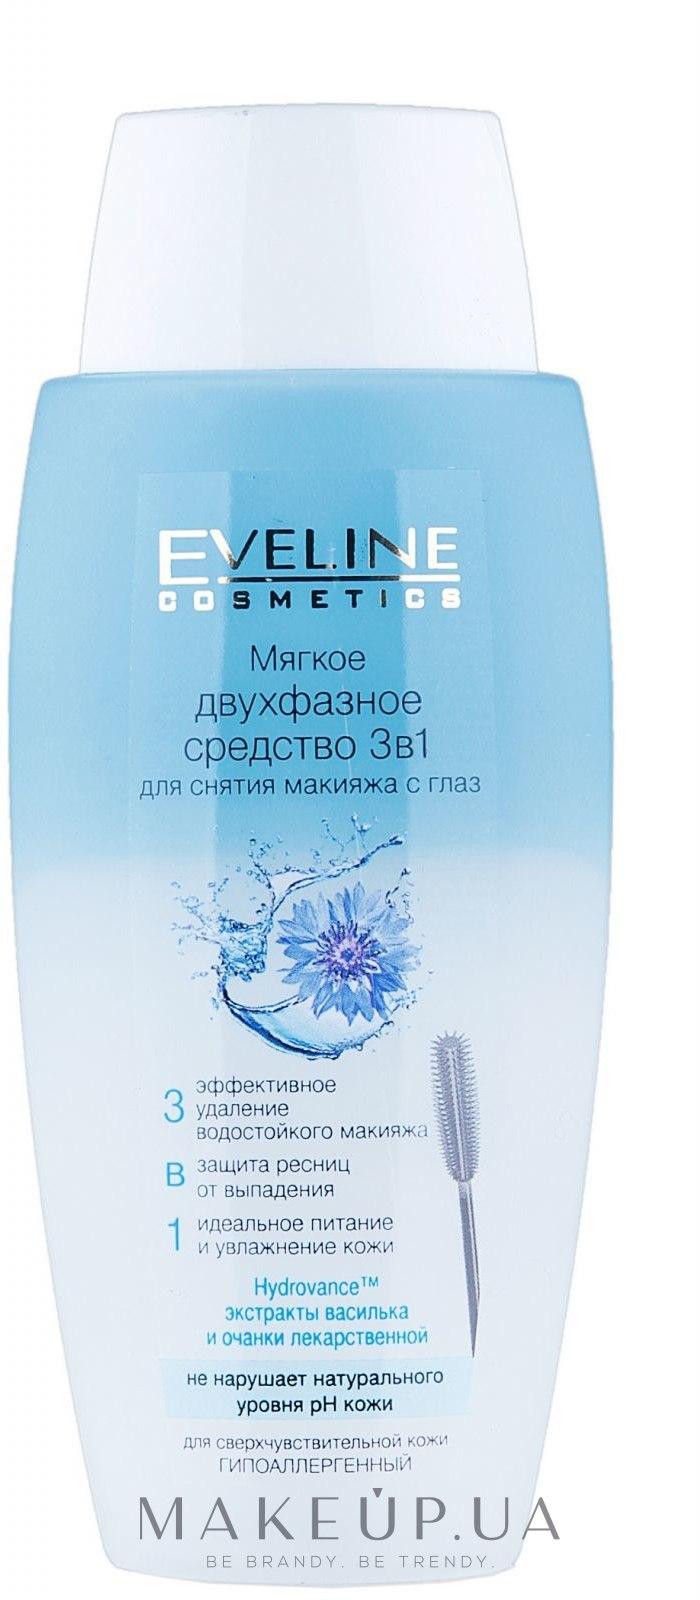 Двухфазное средство для снятия макияжа с глаз в домашних условиях